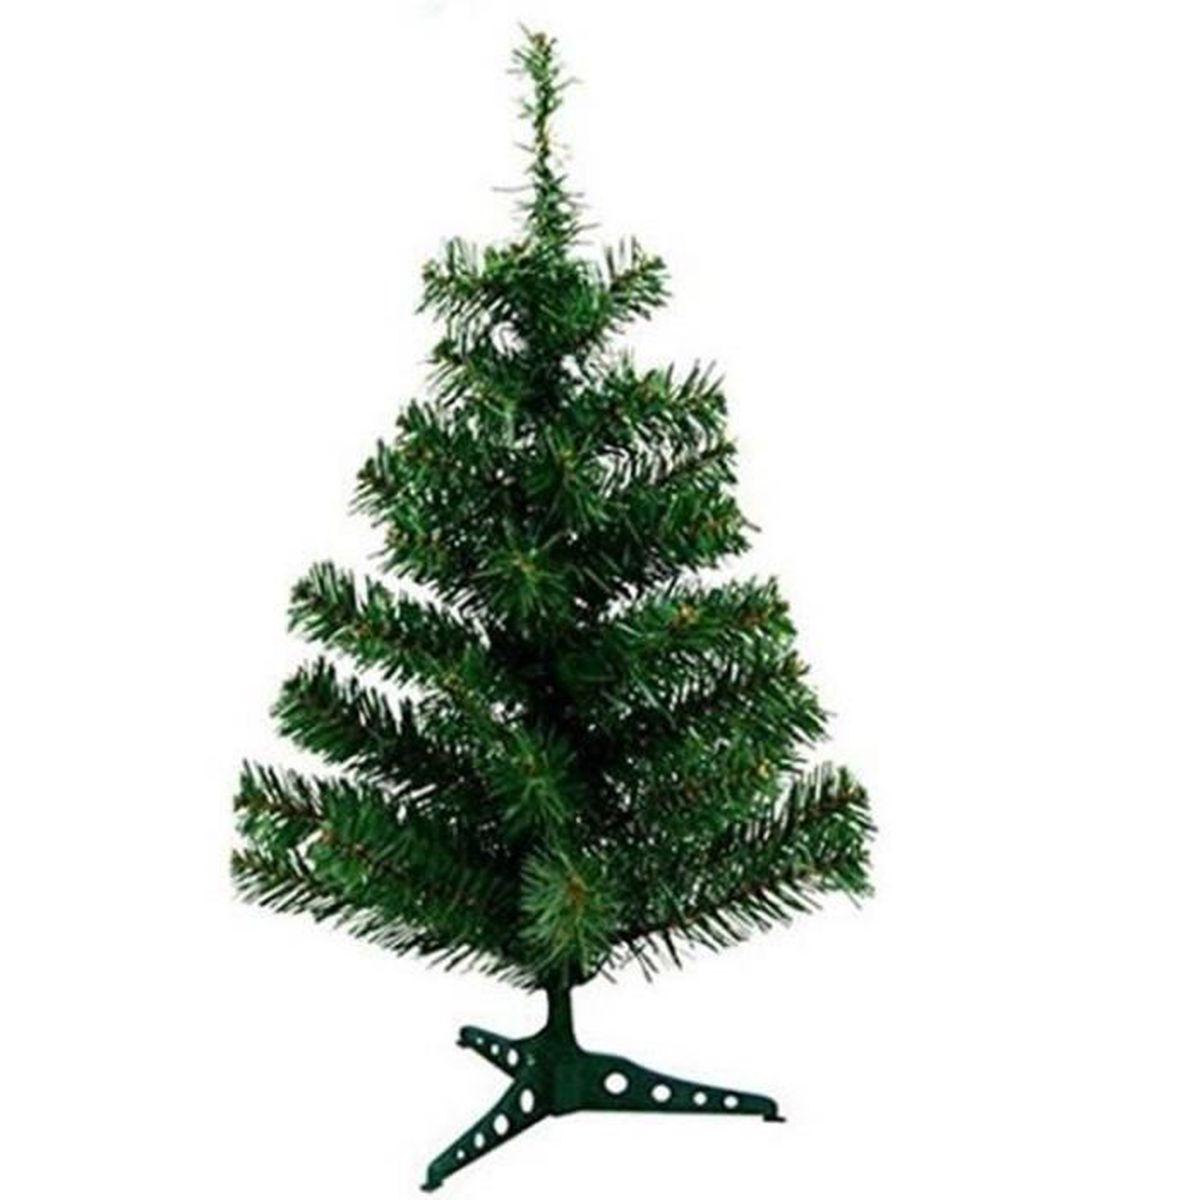 Sapin De Noel Avec Pied arbre de noël artificiel, feuille en pvc avec pied pour